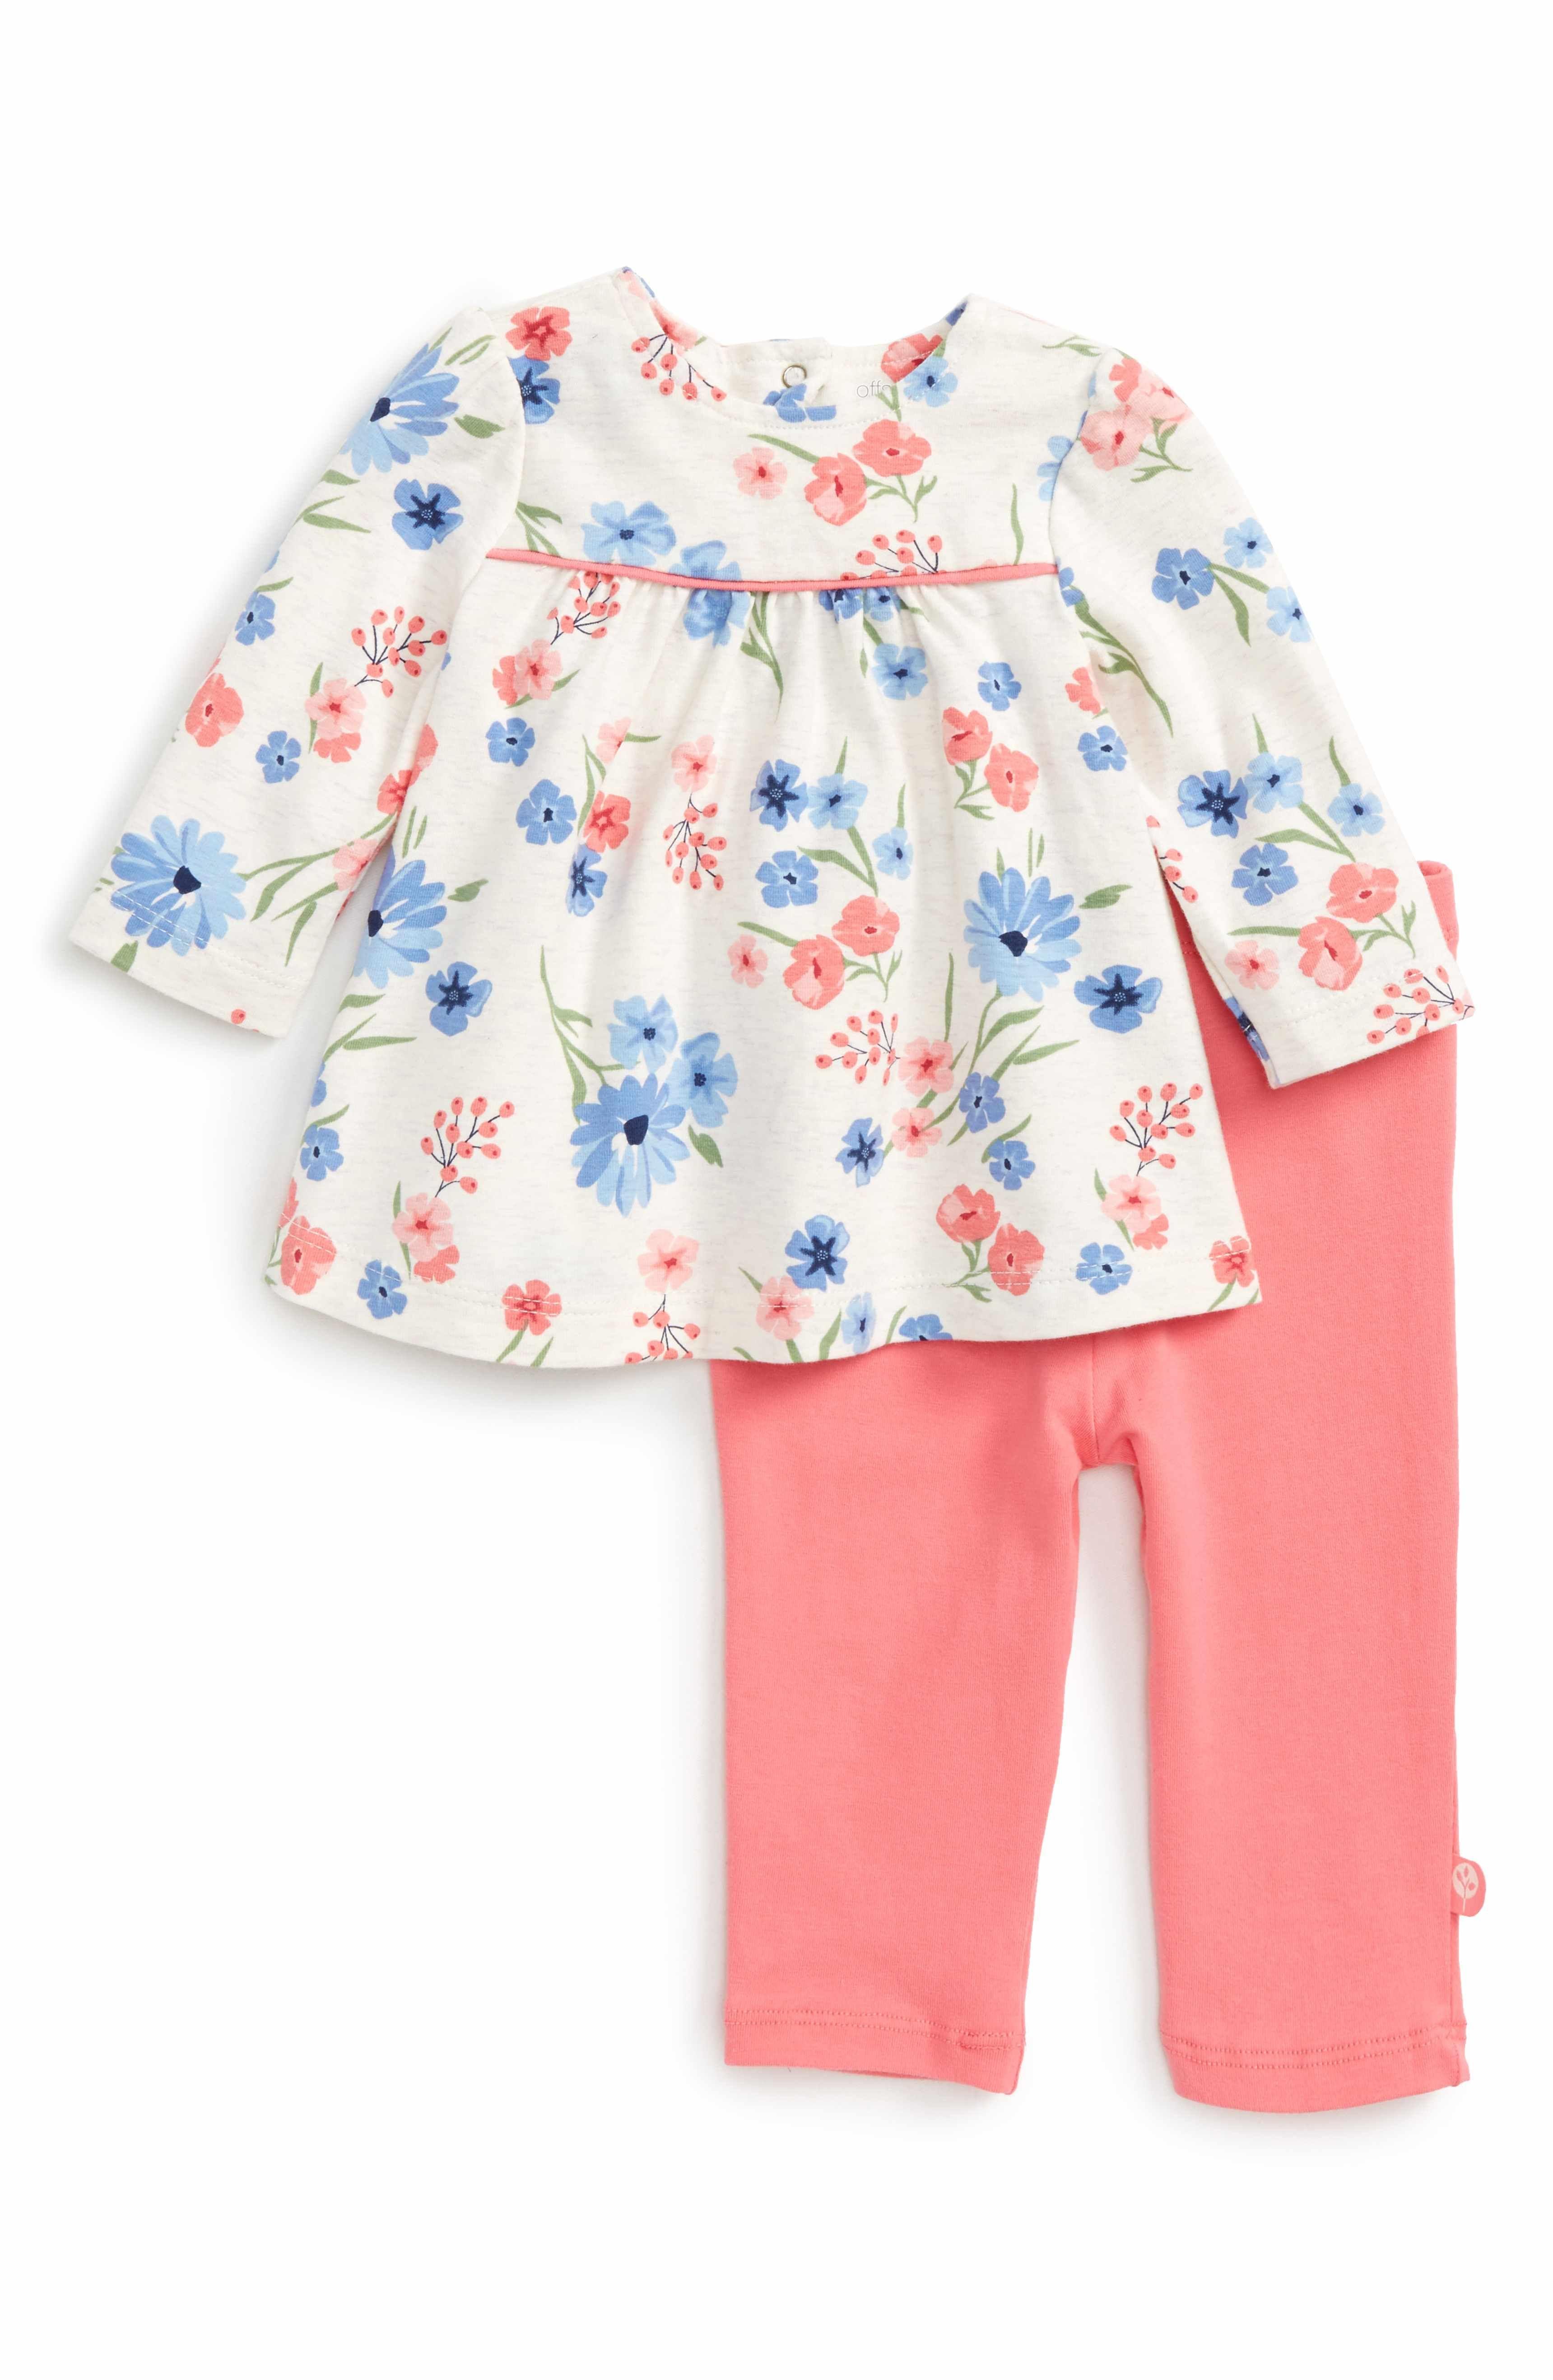 Main Image - Offspring Flower Tunic   Leggings Set (Baby Girls ... 4b61412faec